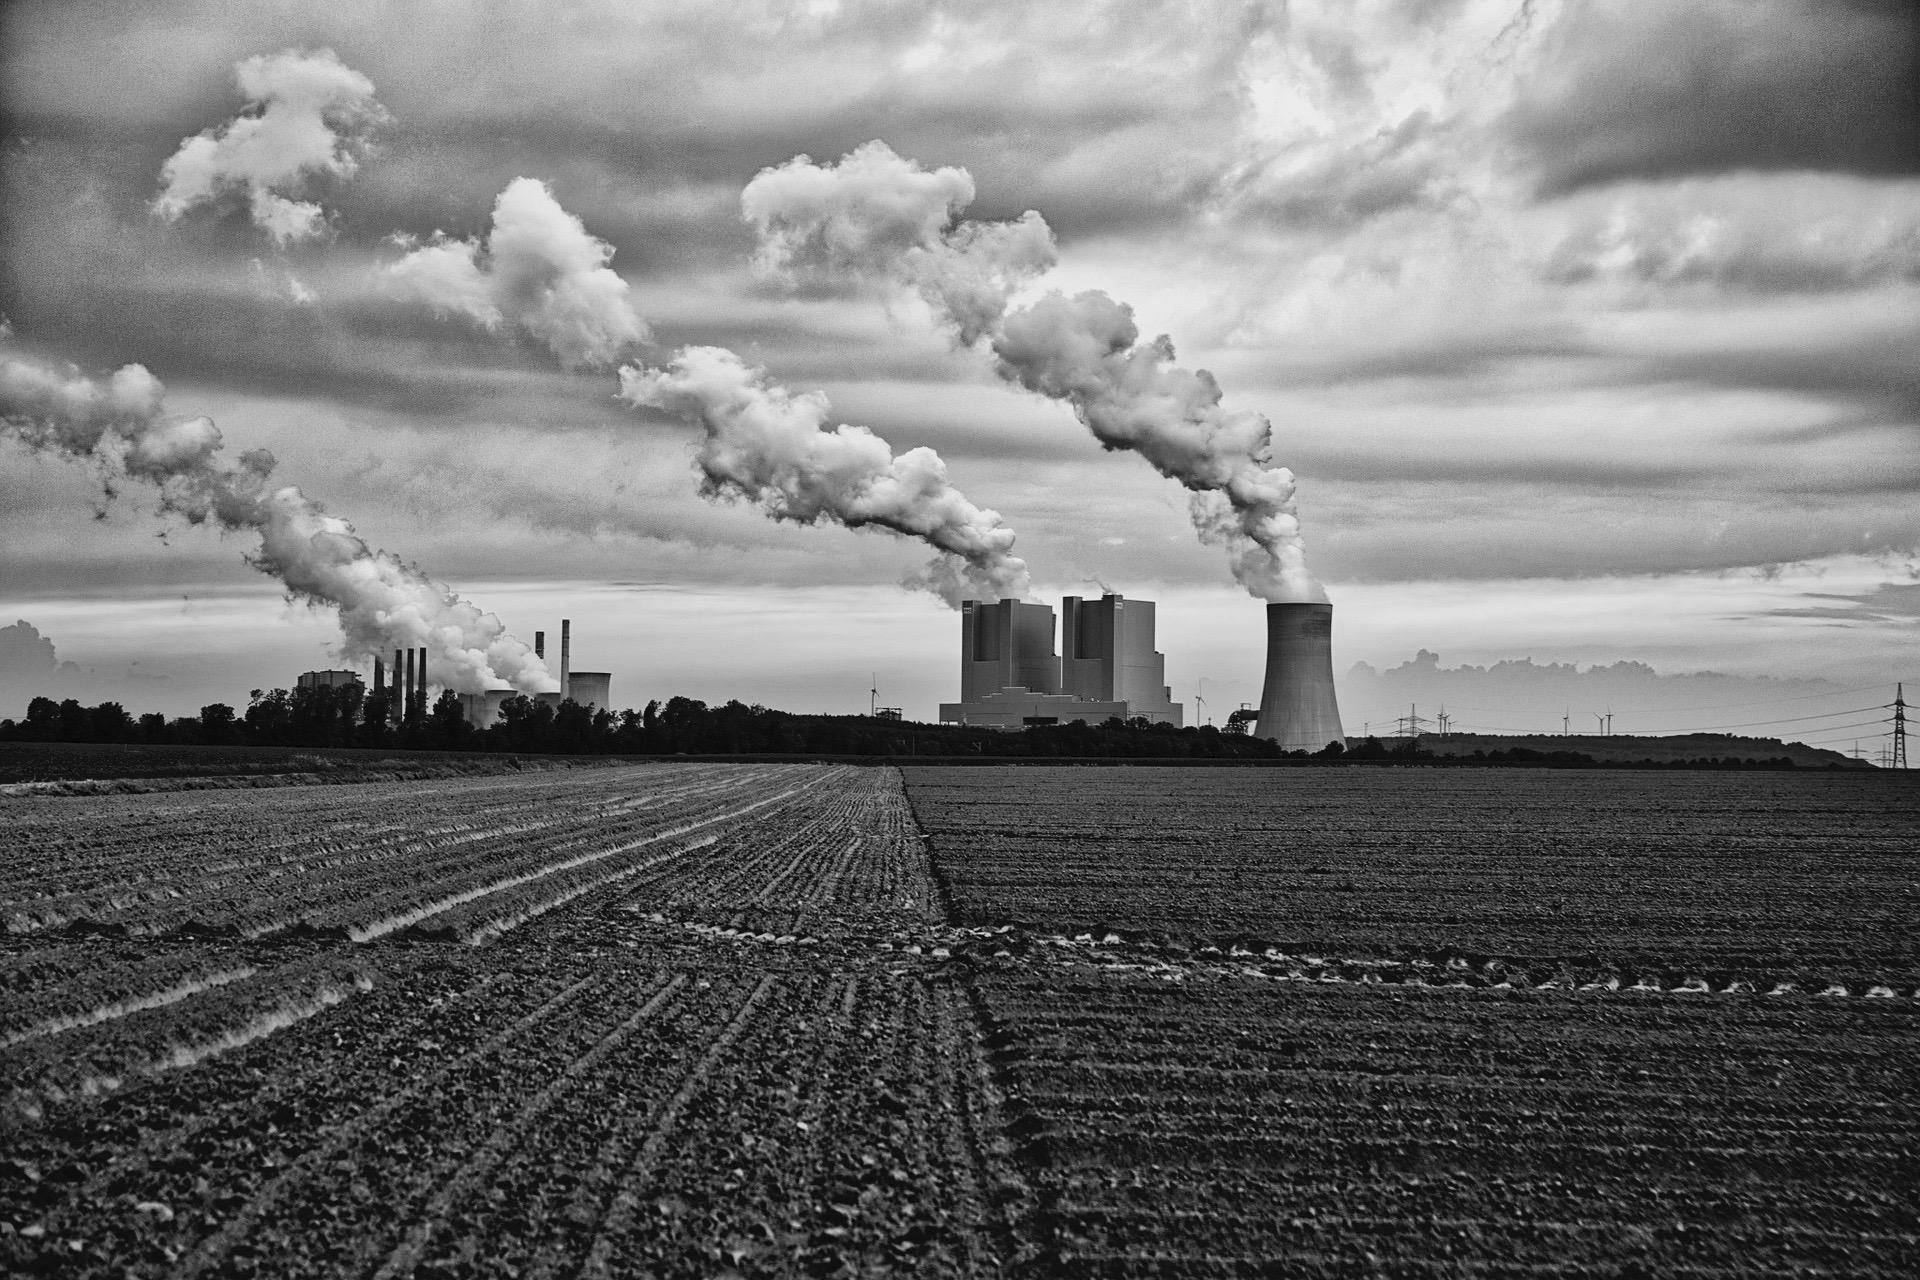 power-plant-2460947_1920.jpg